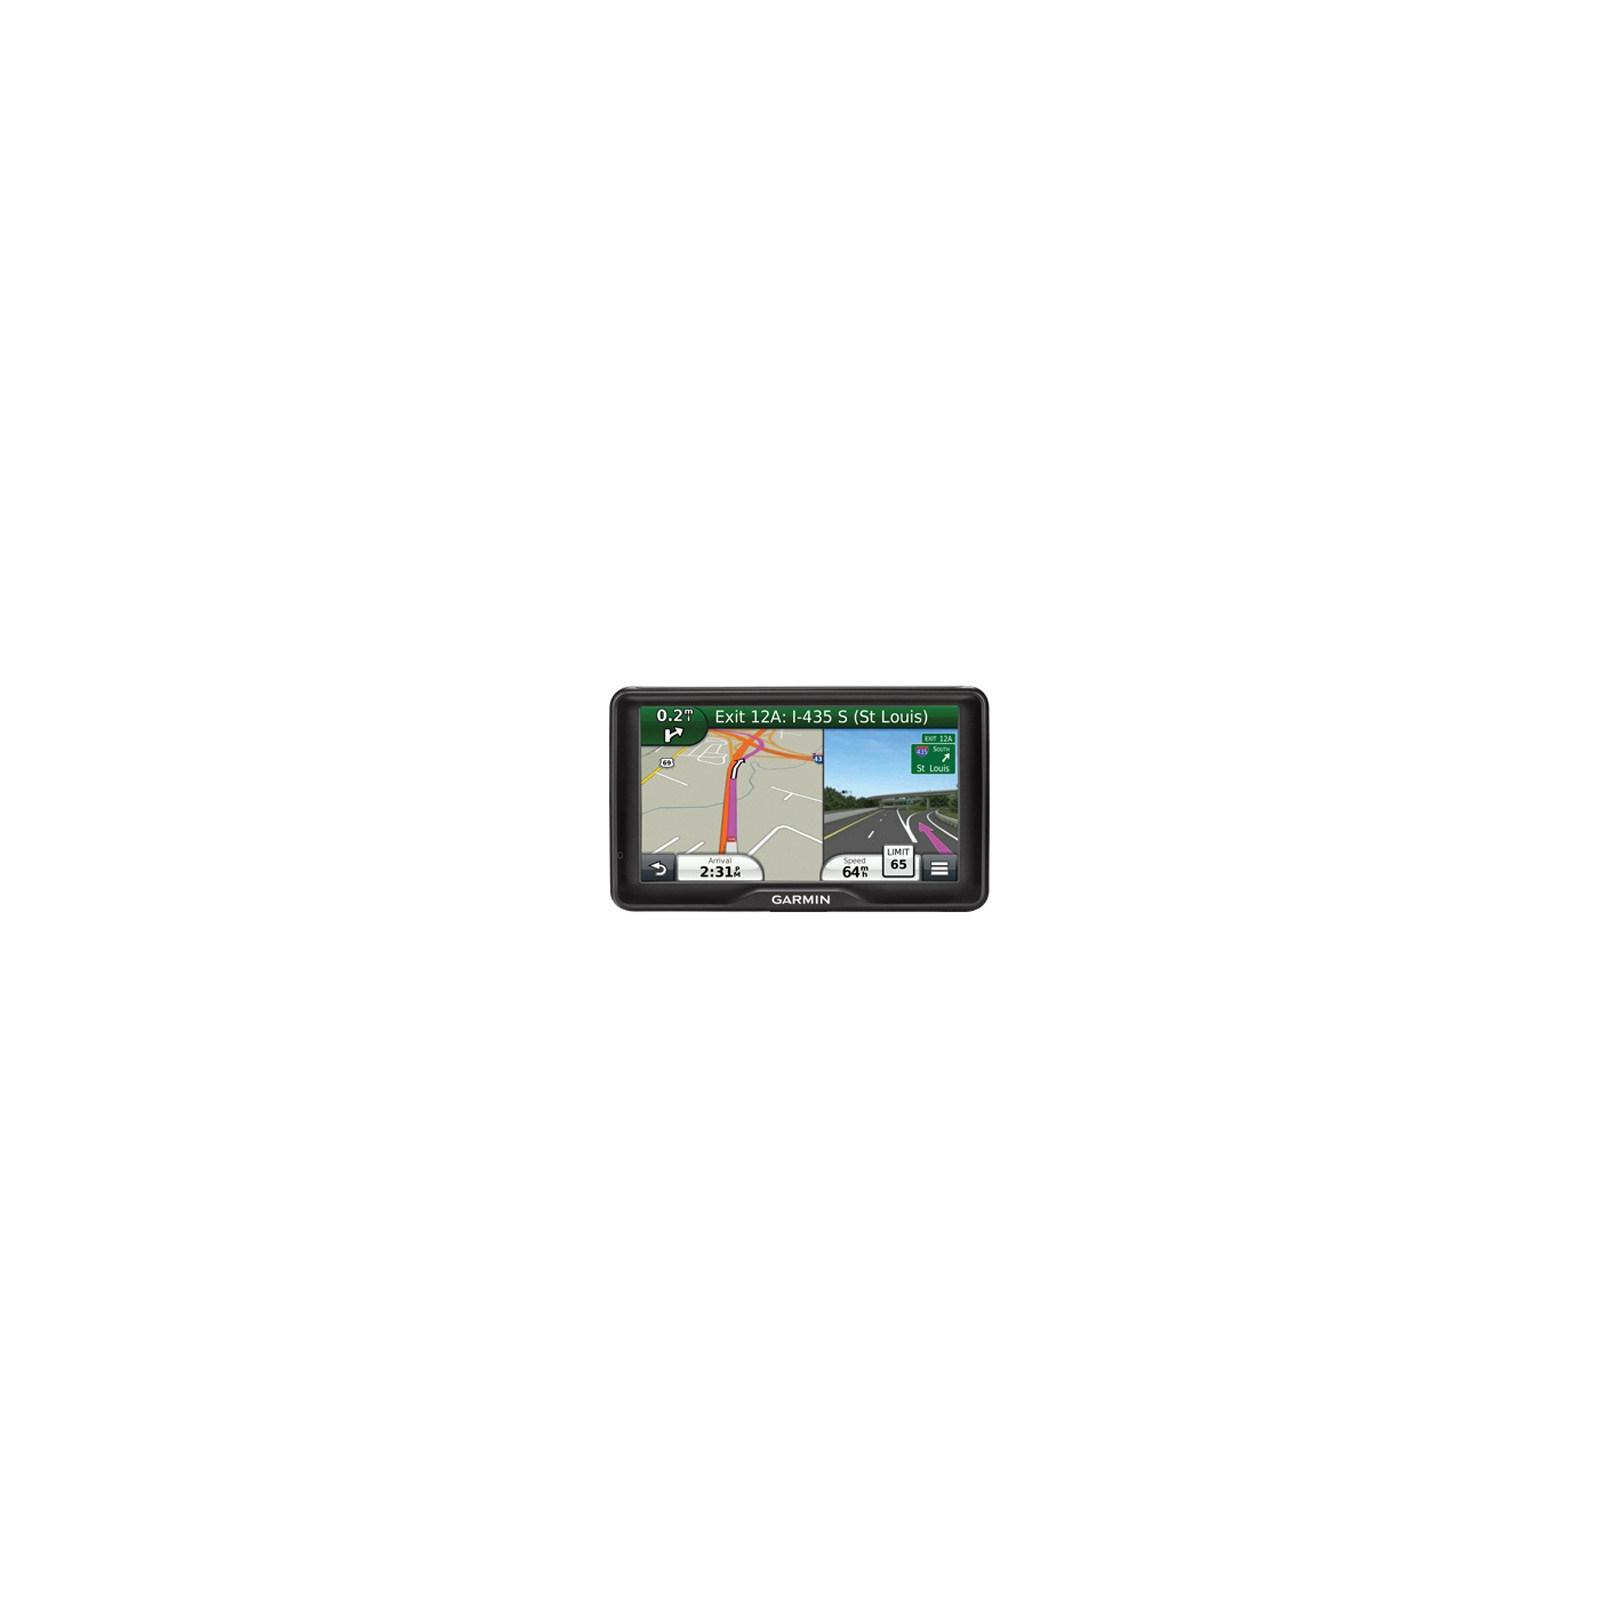 Автомобильный навигатор Garmin dezl 760LMT (010-01061-10)